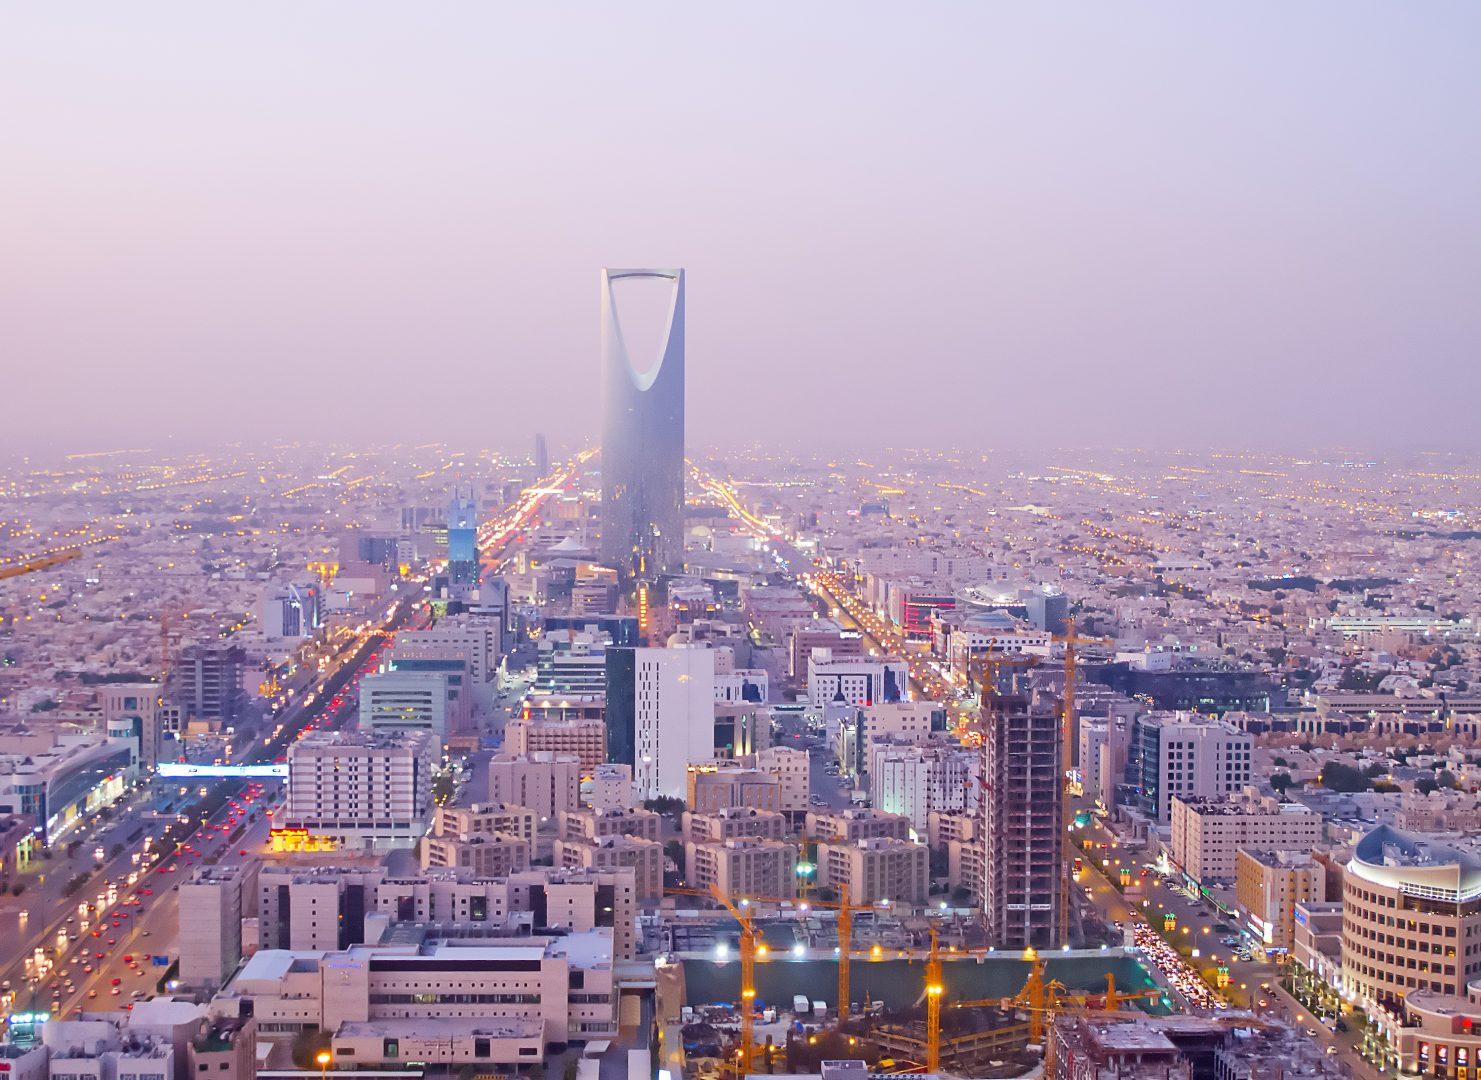 La plus grosse compagnie pétrolière au monde Saudi Aramco, va être cotée en Bourse au second semestre 2018.